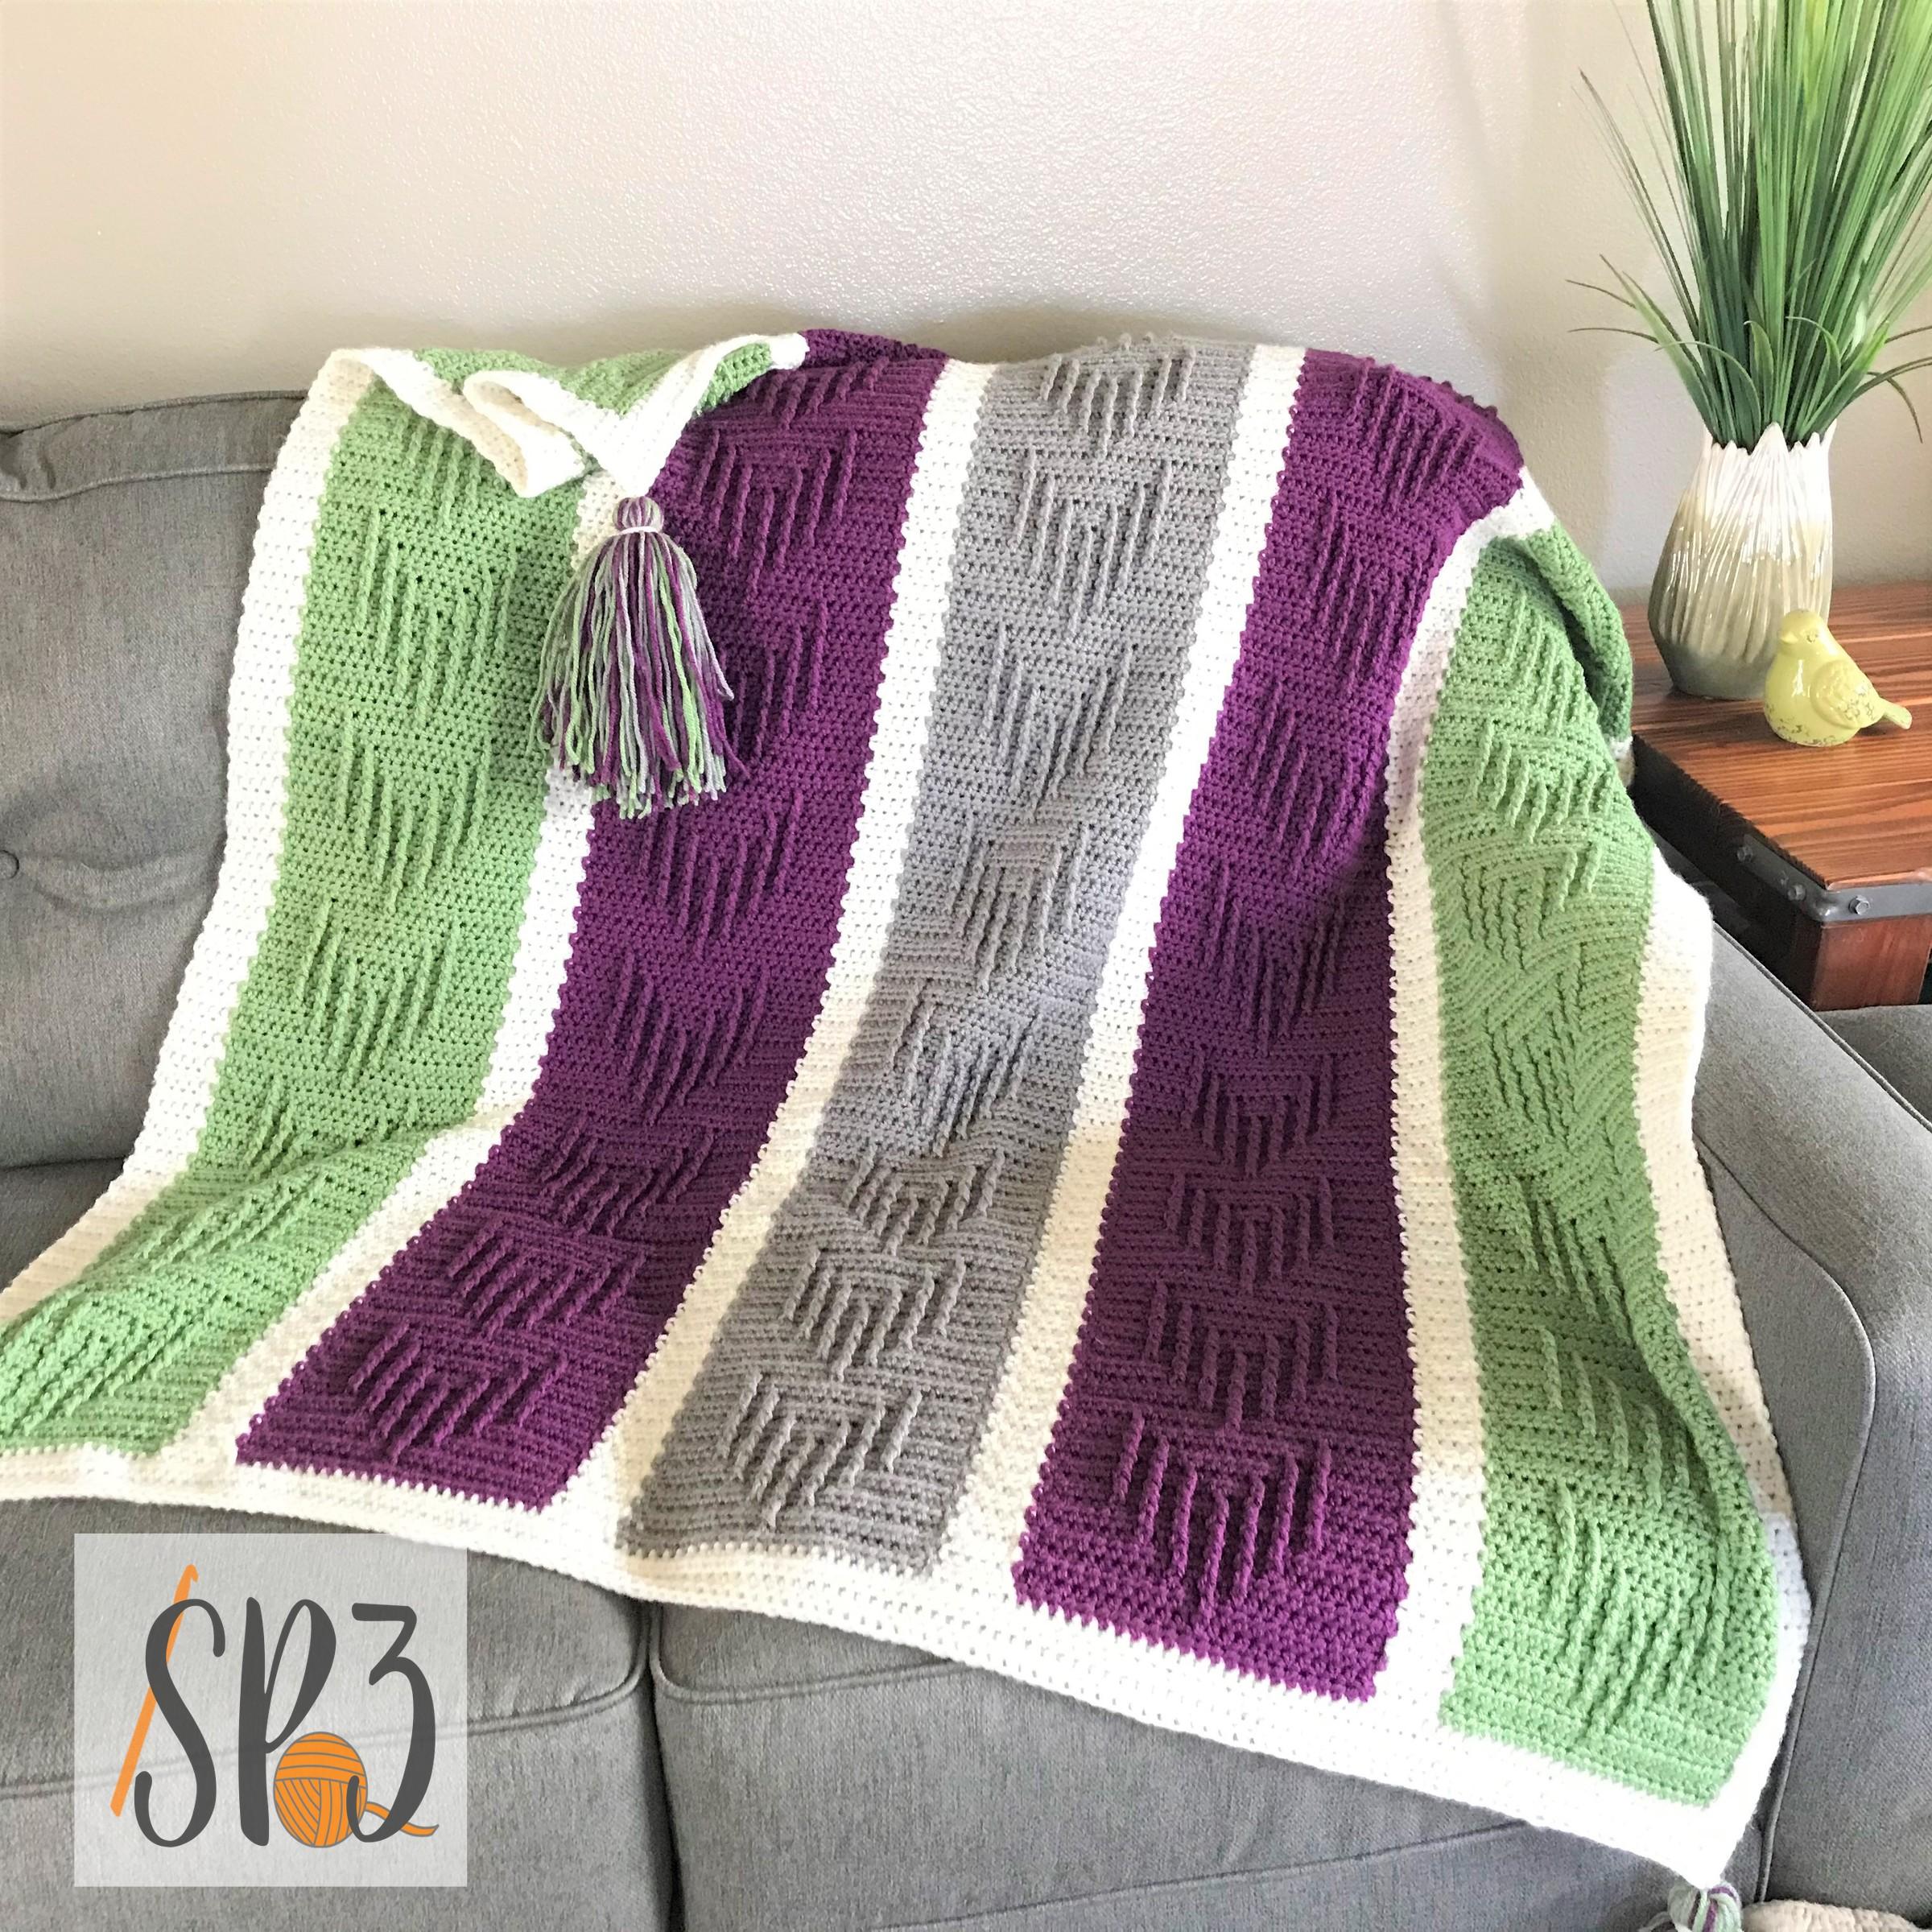 Chasing Arrows Blanket Crochet Pattern